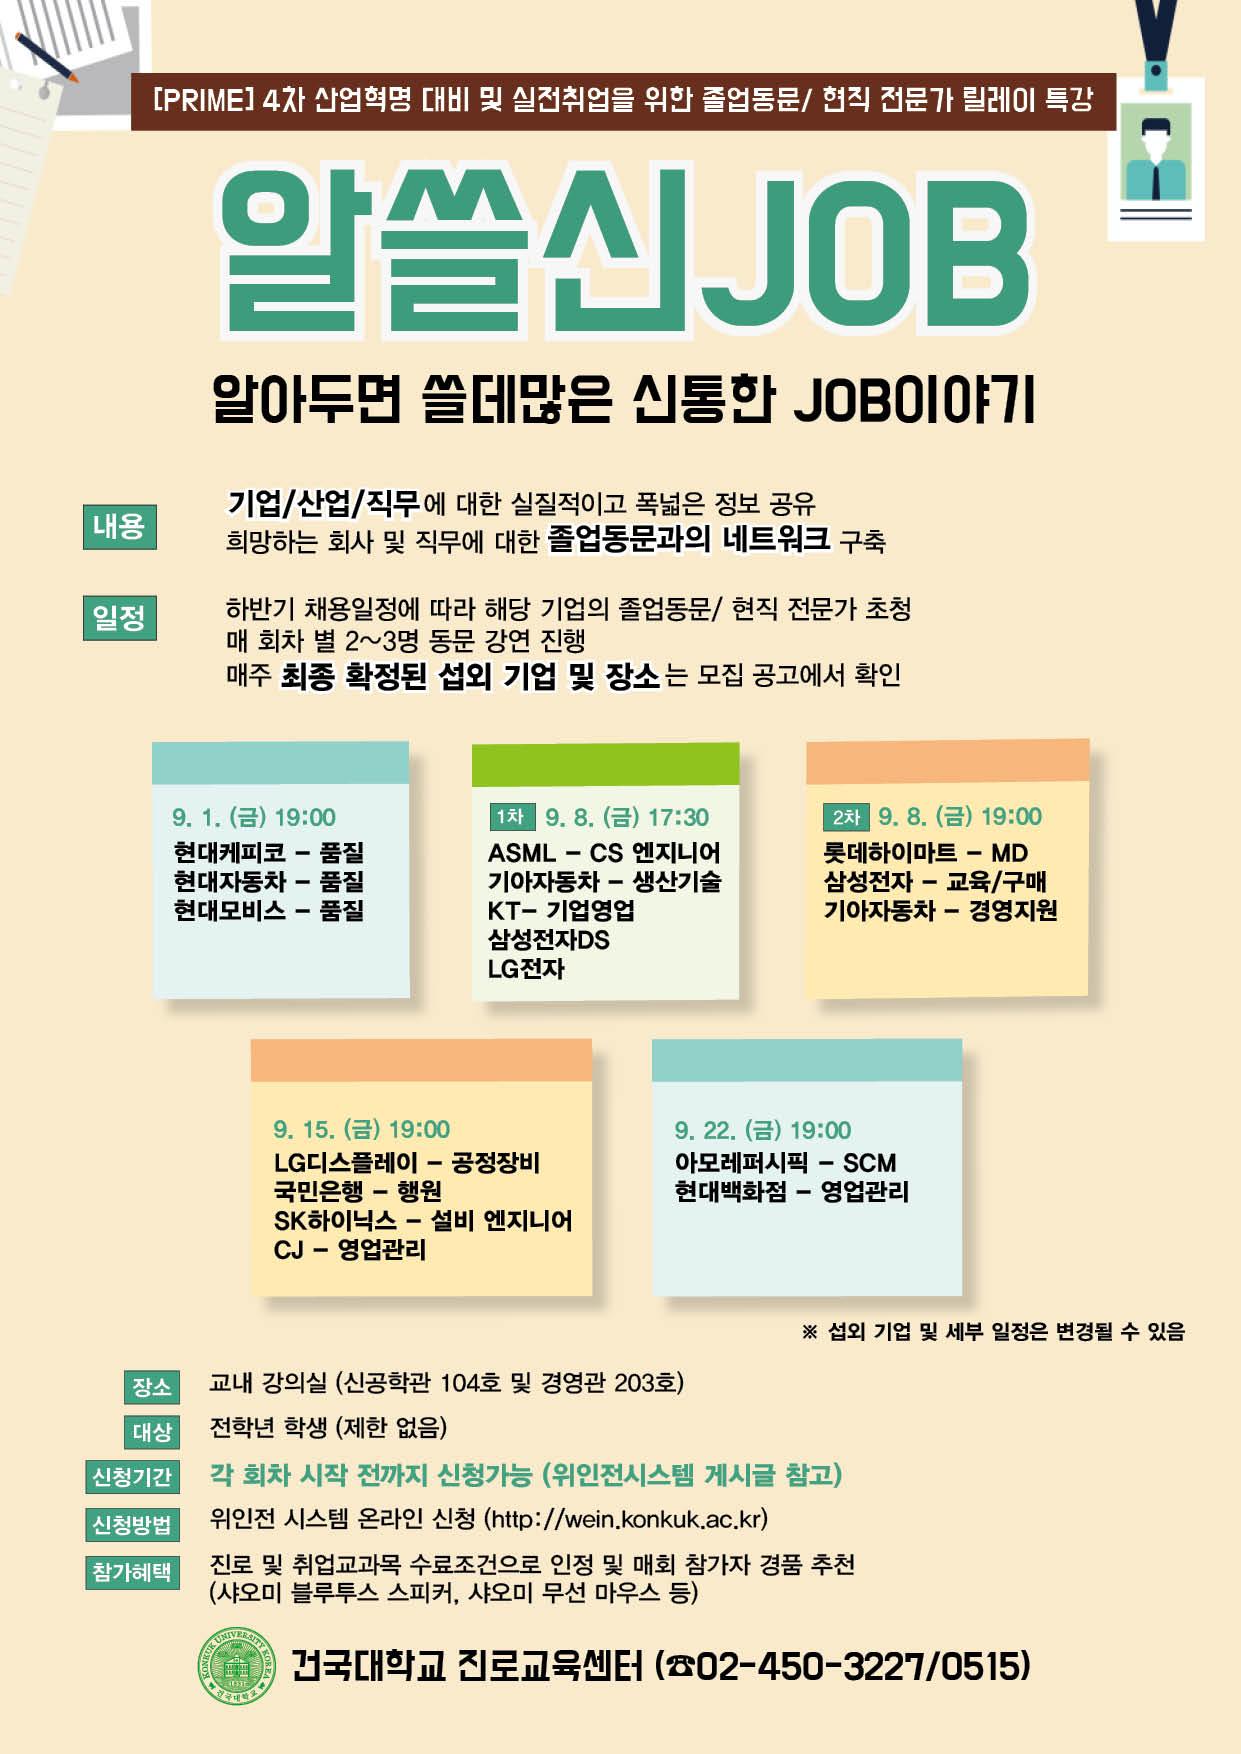 진로교육센터 포스터-최종_170829.jpg